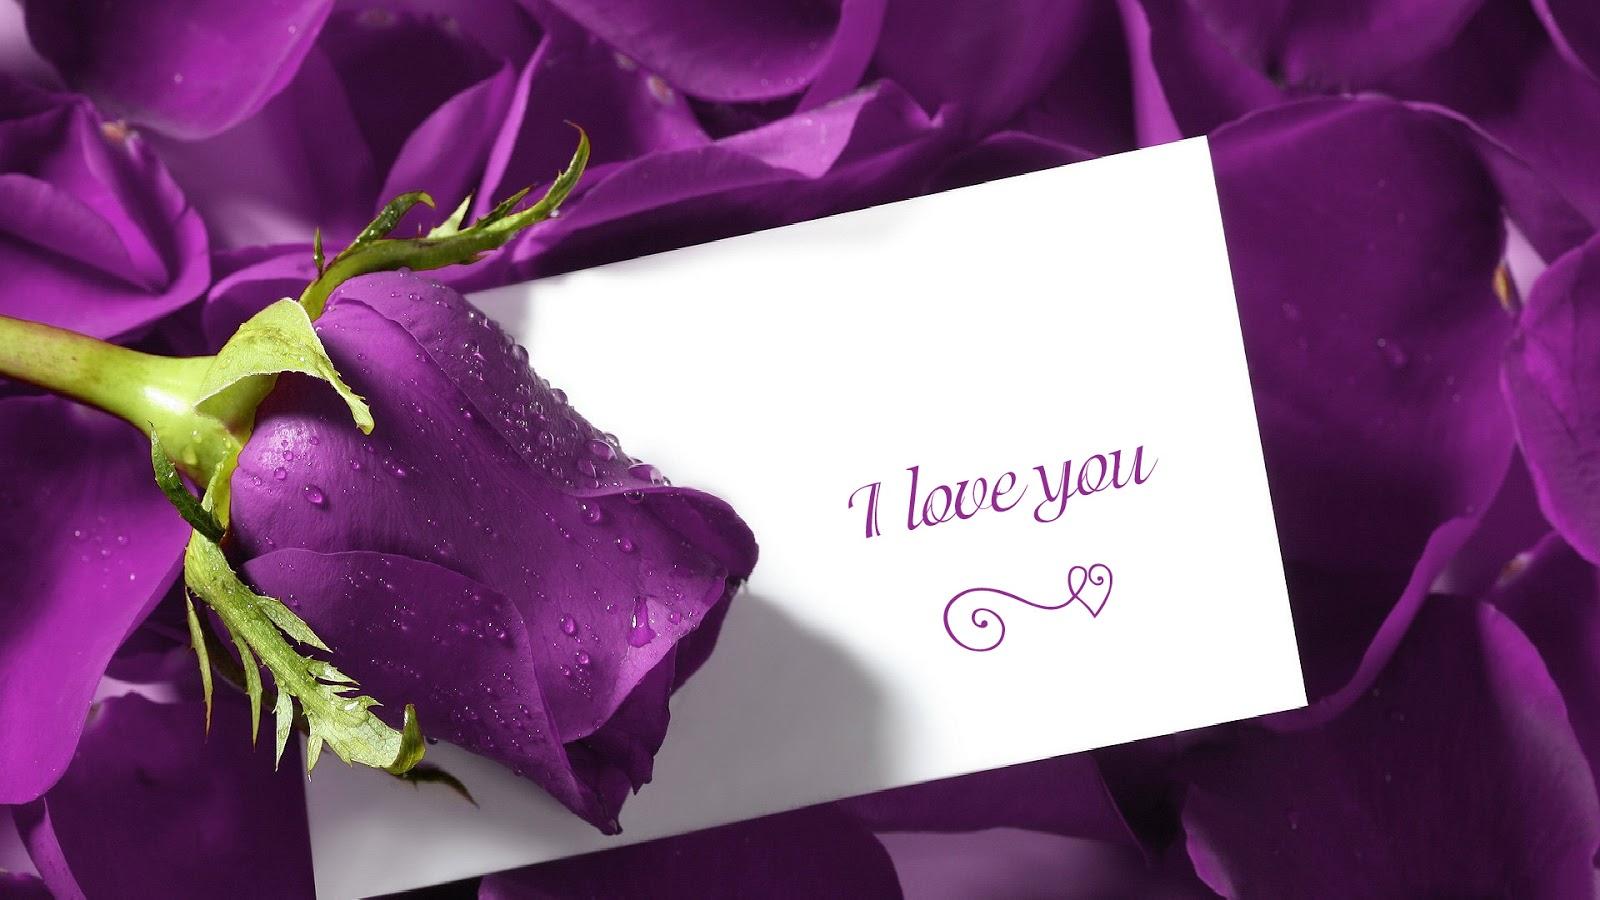 http://2.bp.blogspot.com/-1tRAdDyNB4M/UQdl2YqNYJI/AAAAAAAAALI/W3Aeob8p-9I/s1600/valentines%2Bday%2Bsms%2Bmessage%2Bwishes.jpg